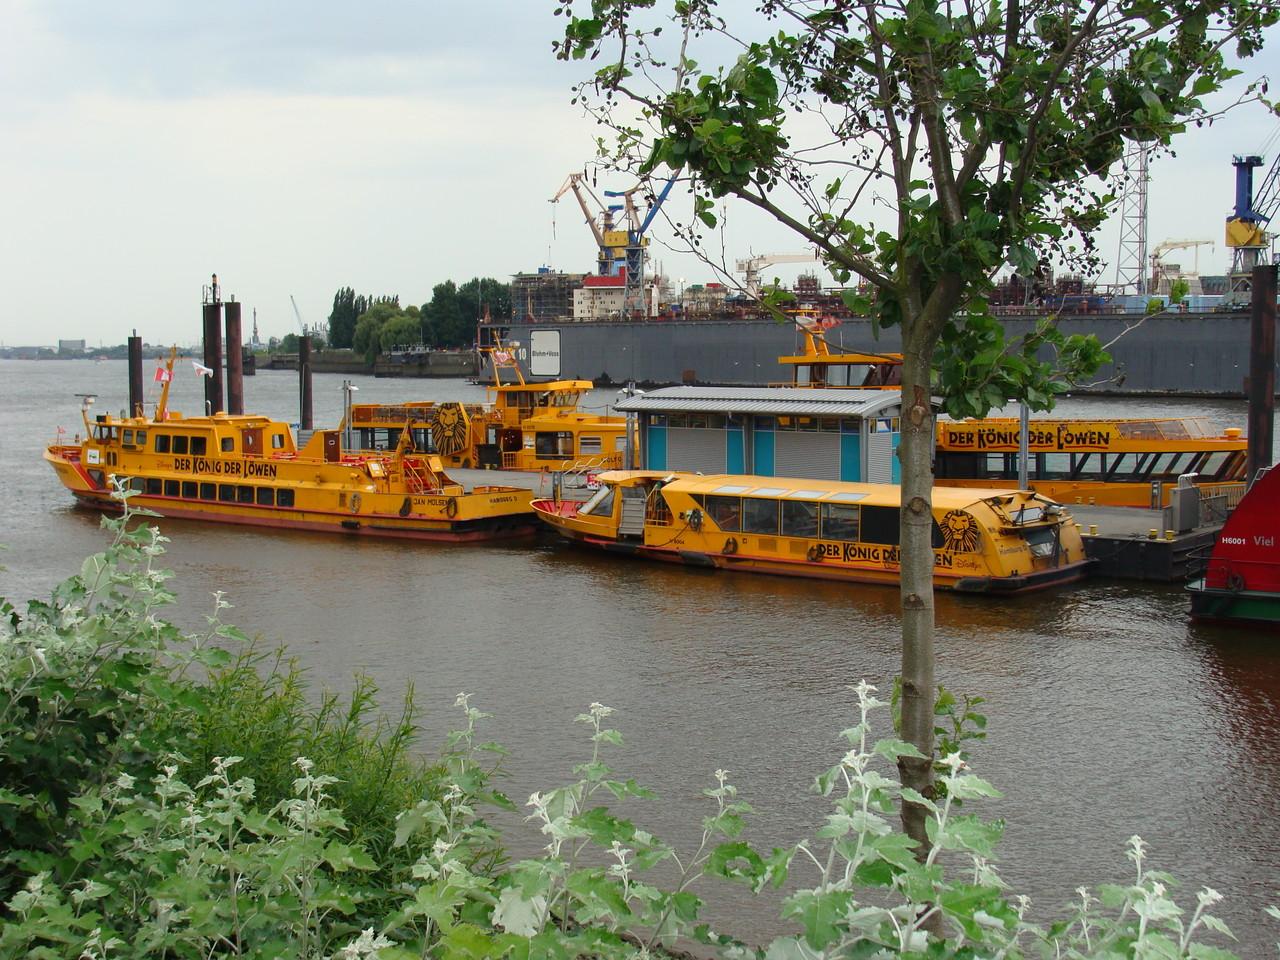 Mit den Booten werden die Musical Besucher hin und her geschifft.